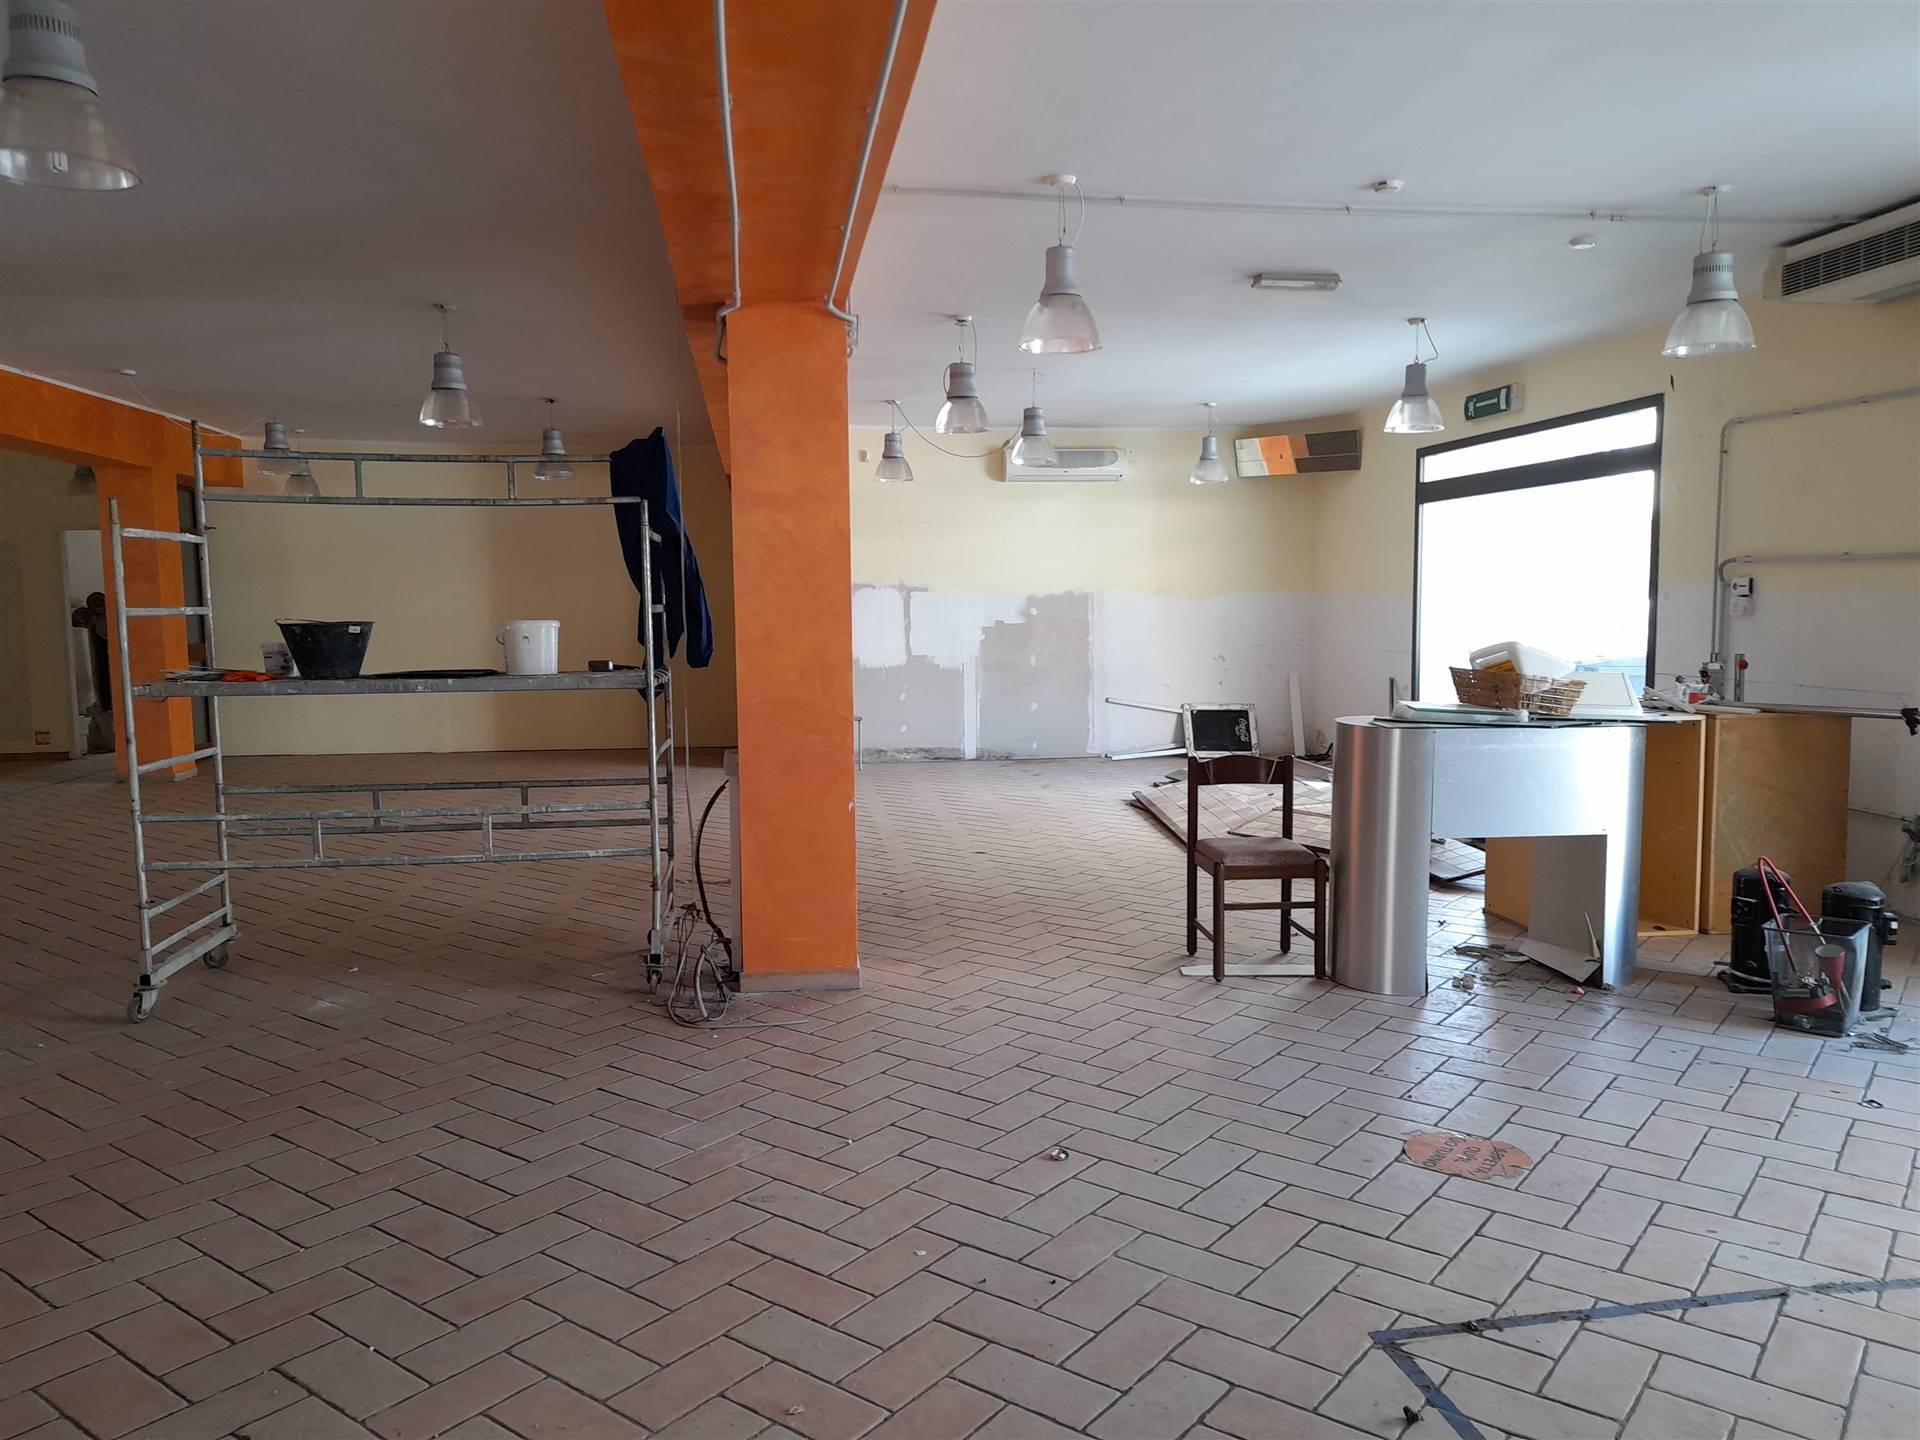 Foto ambiente interno